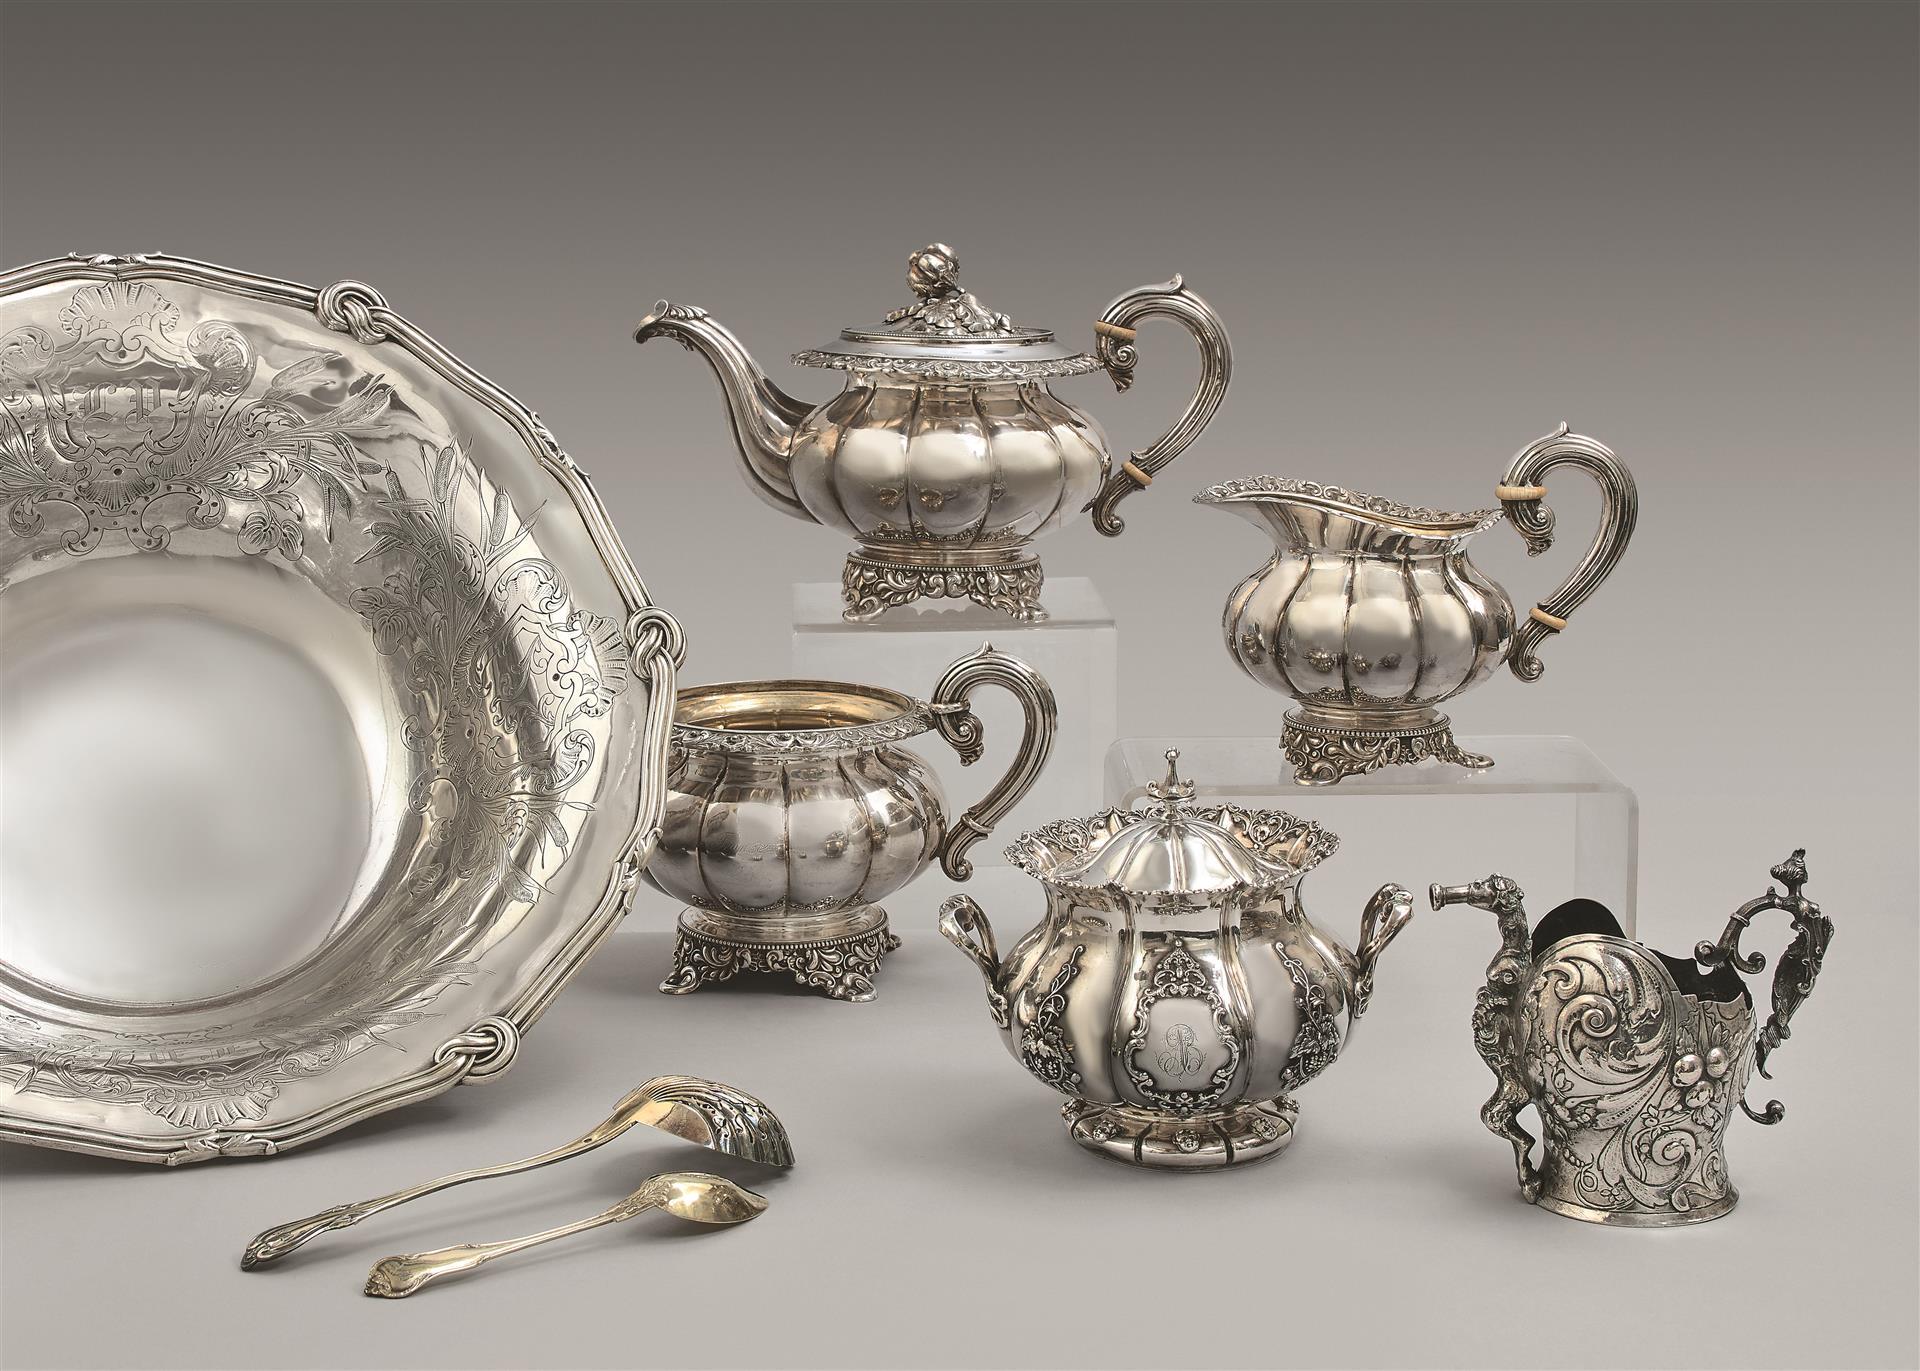 Lot 10 - Dix-huit cuillers à thé et une cuiller saupoudreuse en vermeil 800 et 950 [...]